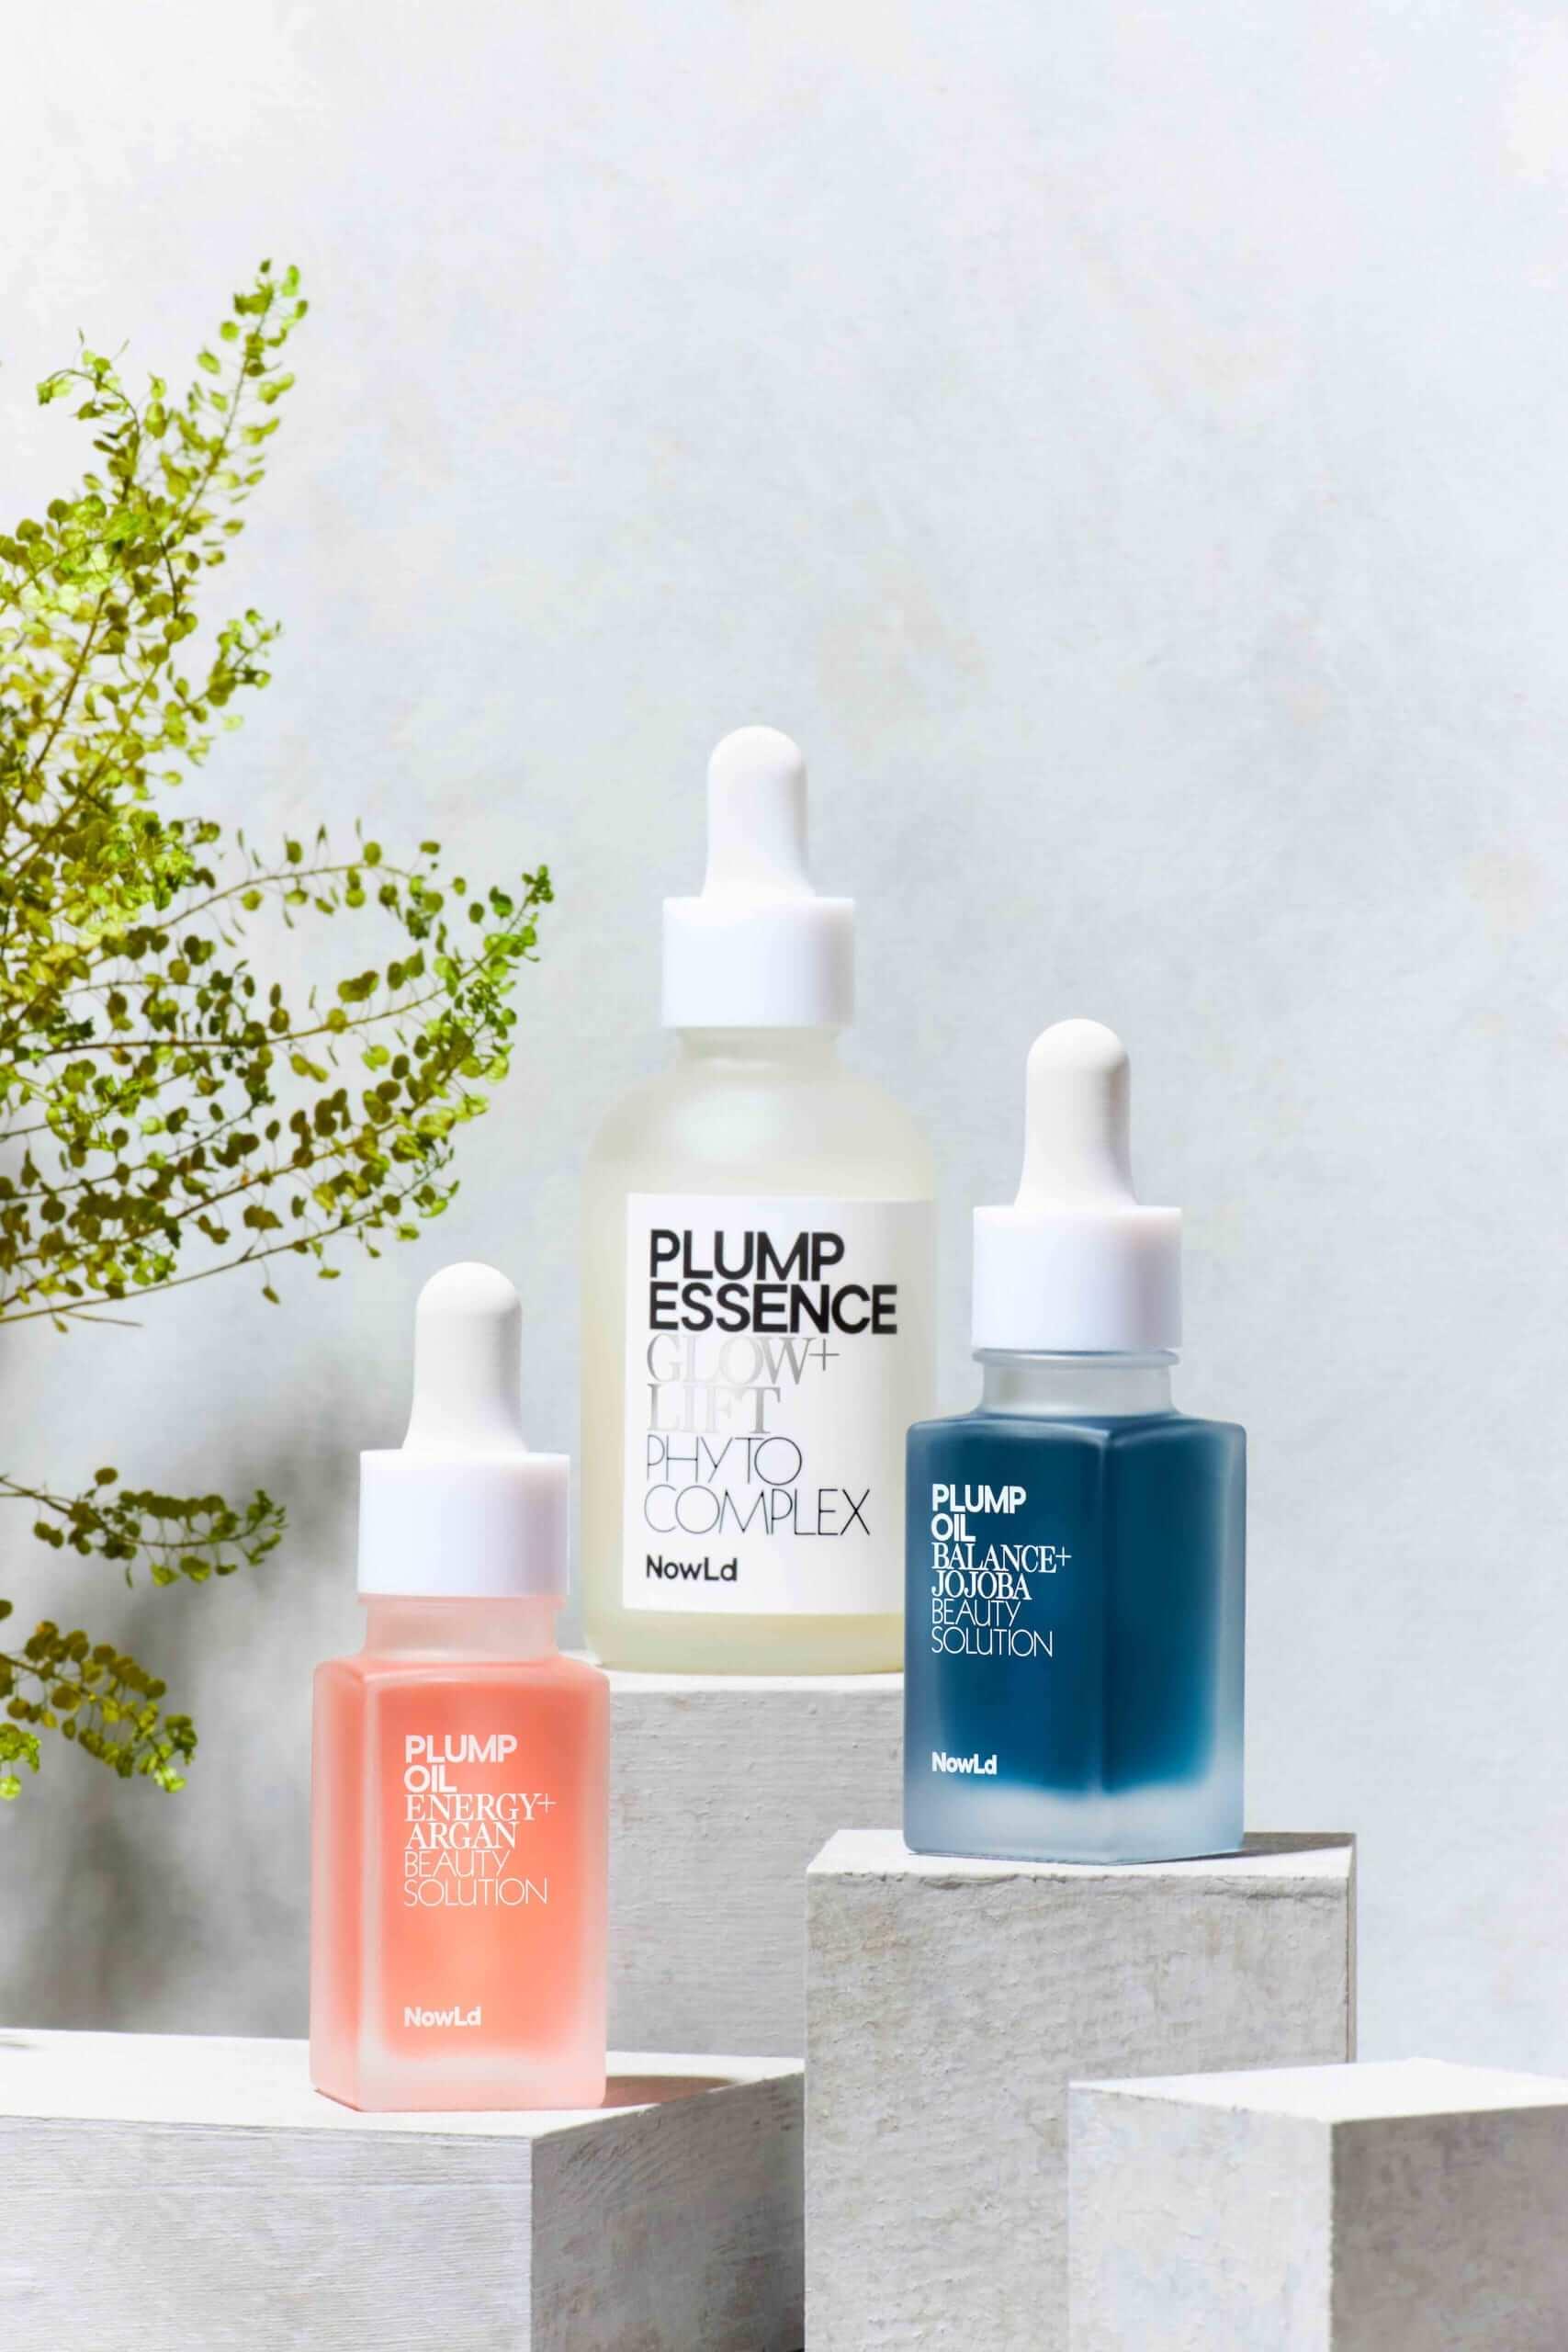 プランプオイル E+(美容オイル)、プランプエッセンス(美容化粧液)、プランプオイル B+(美容オイル)